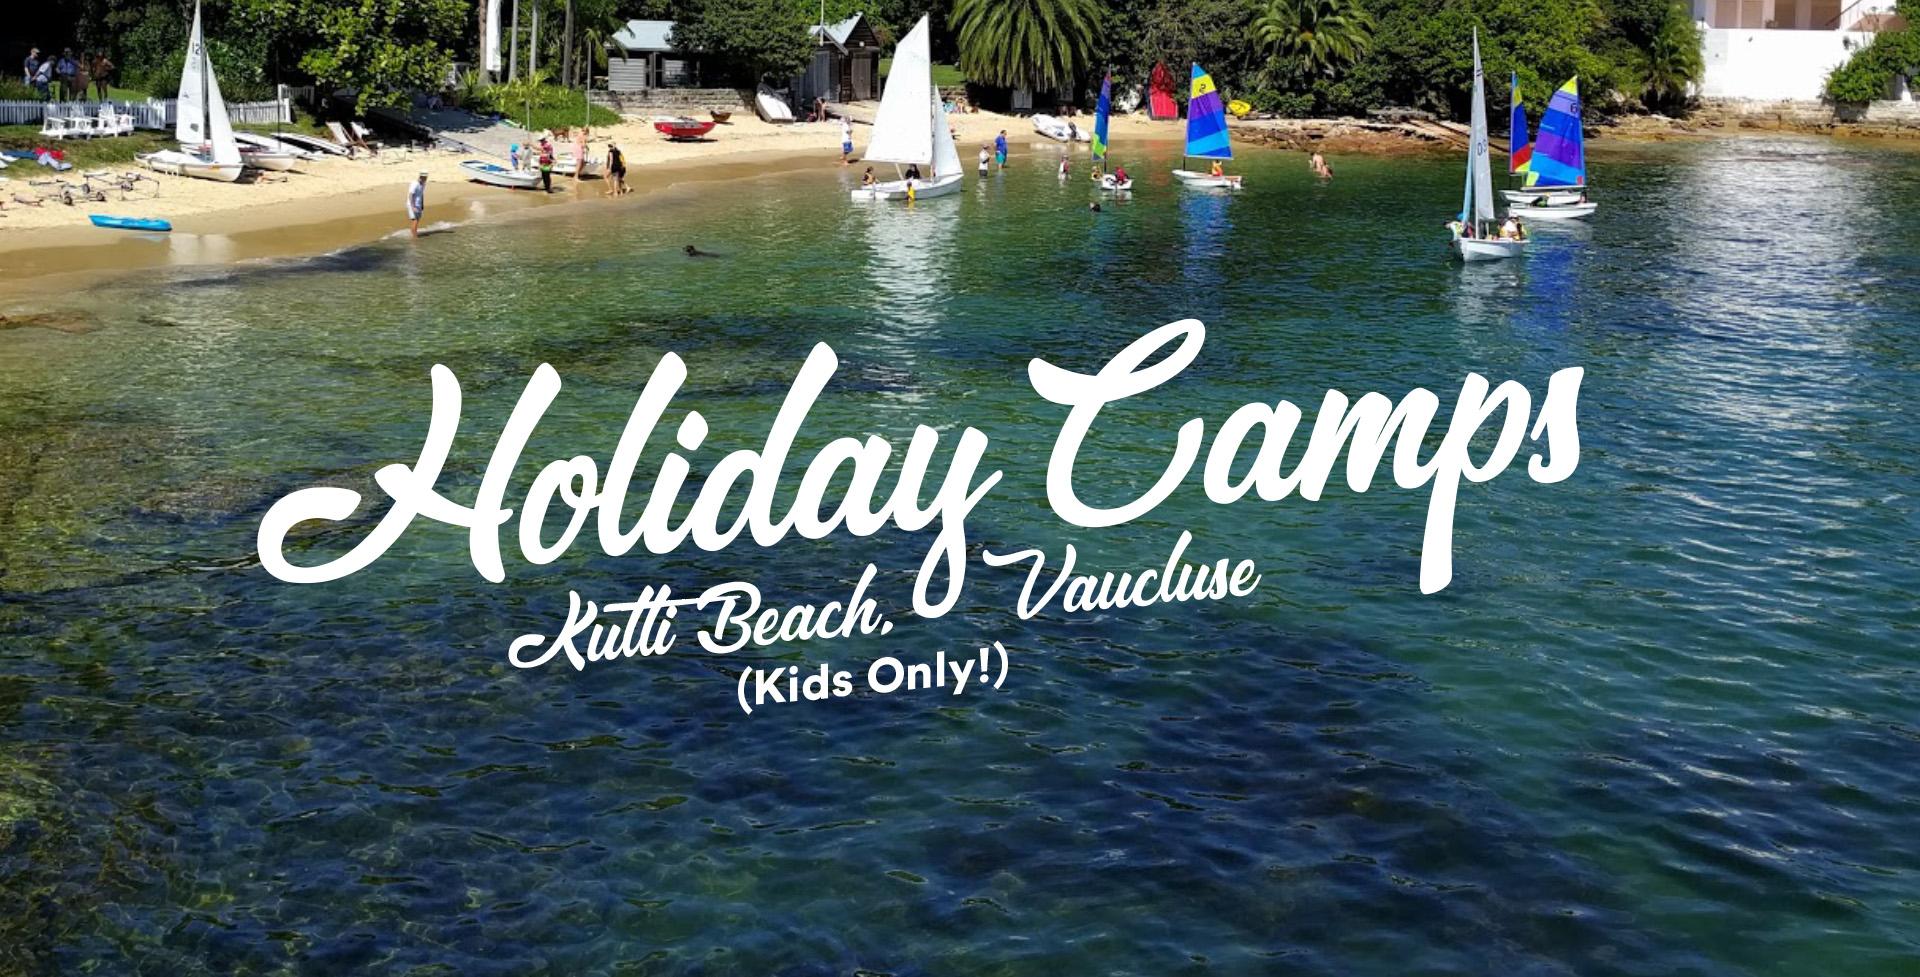 Holiday_Camp_Website_Header.jpg